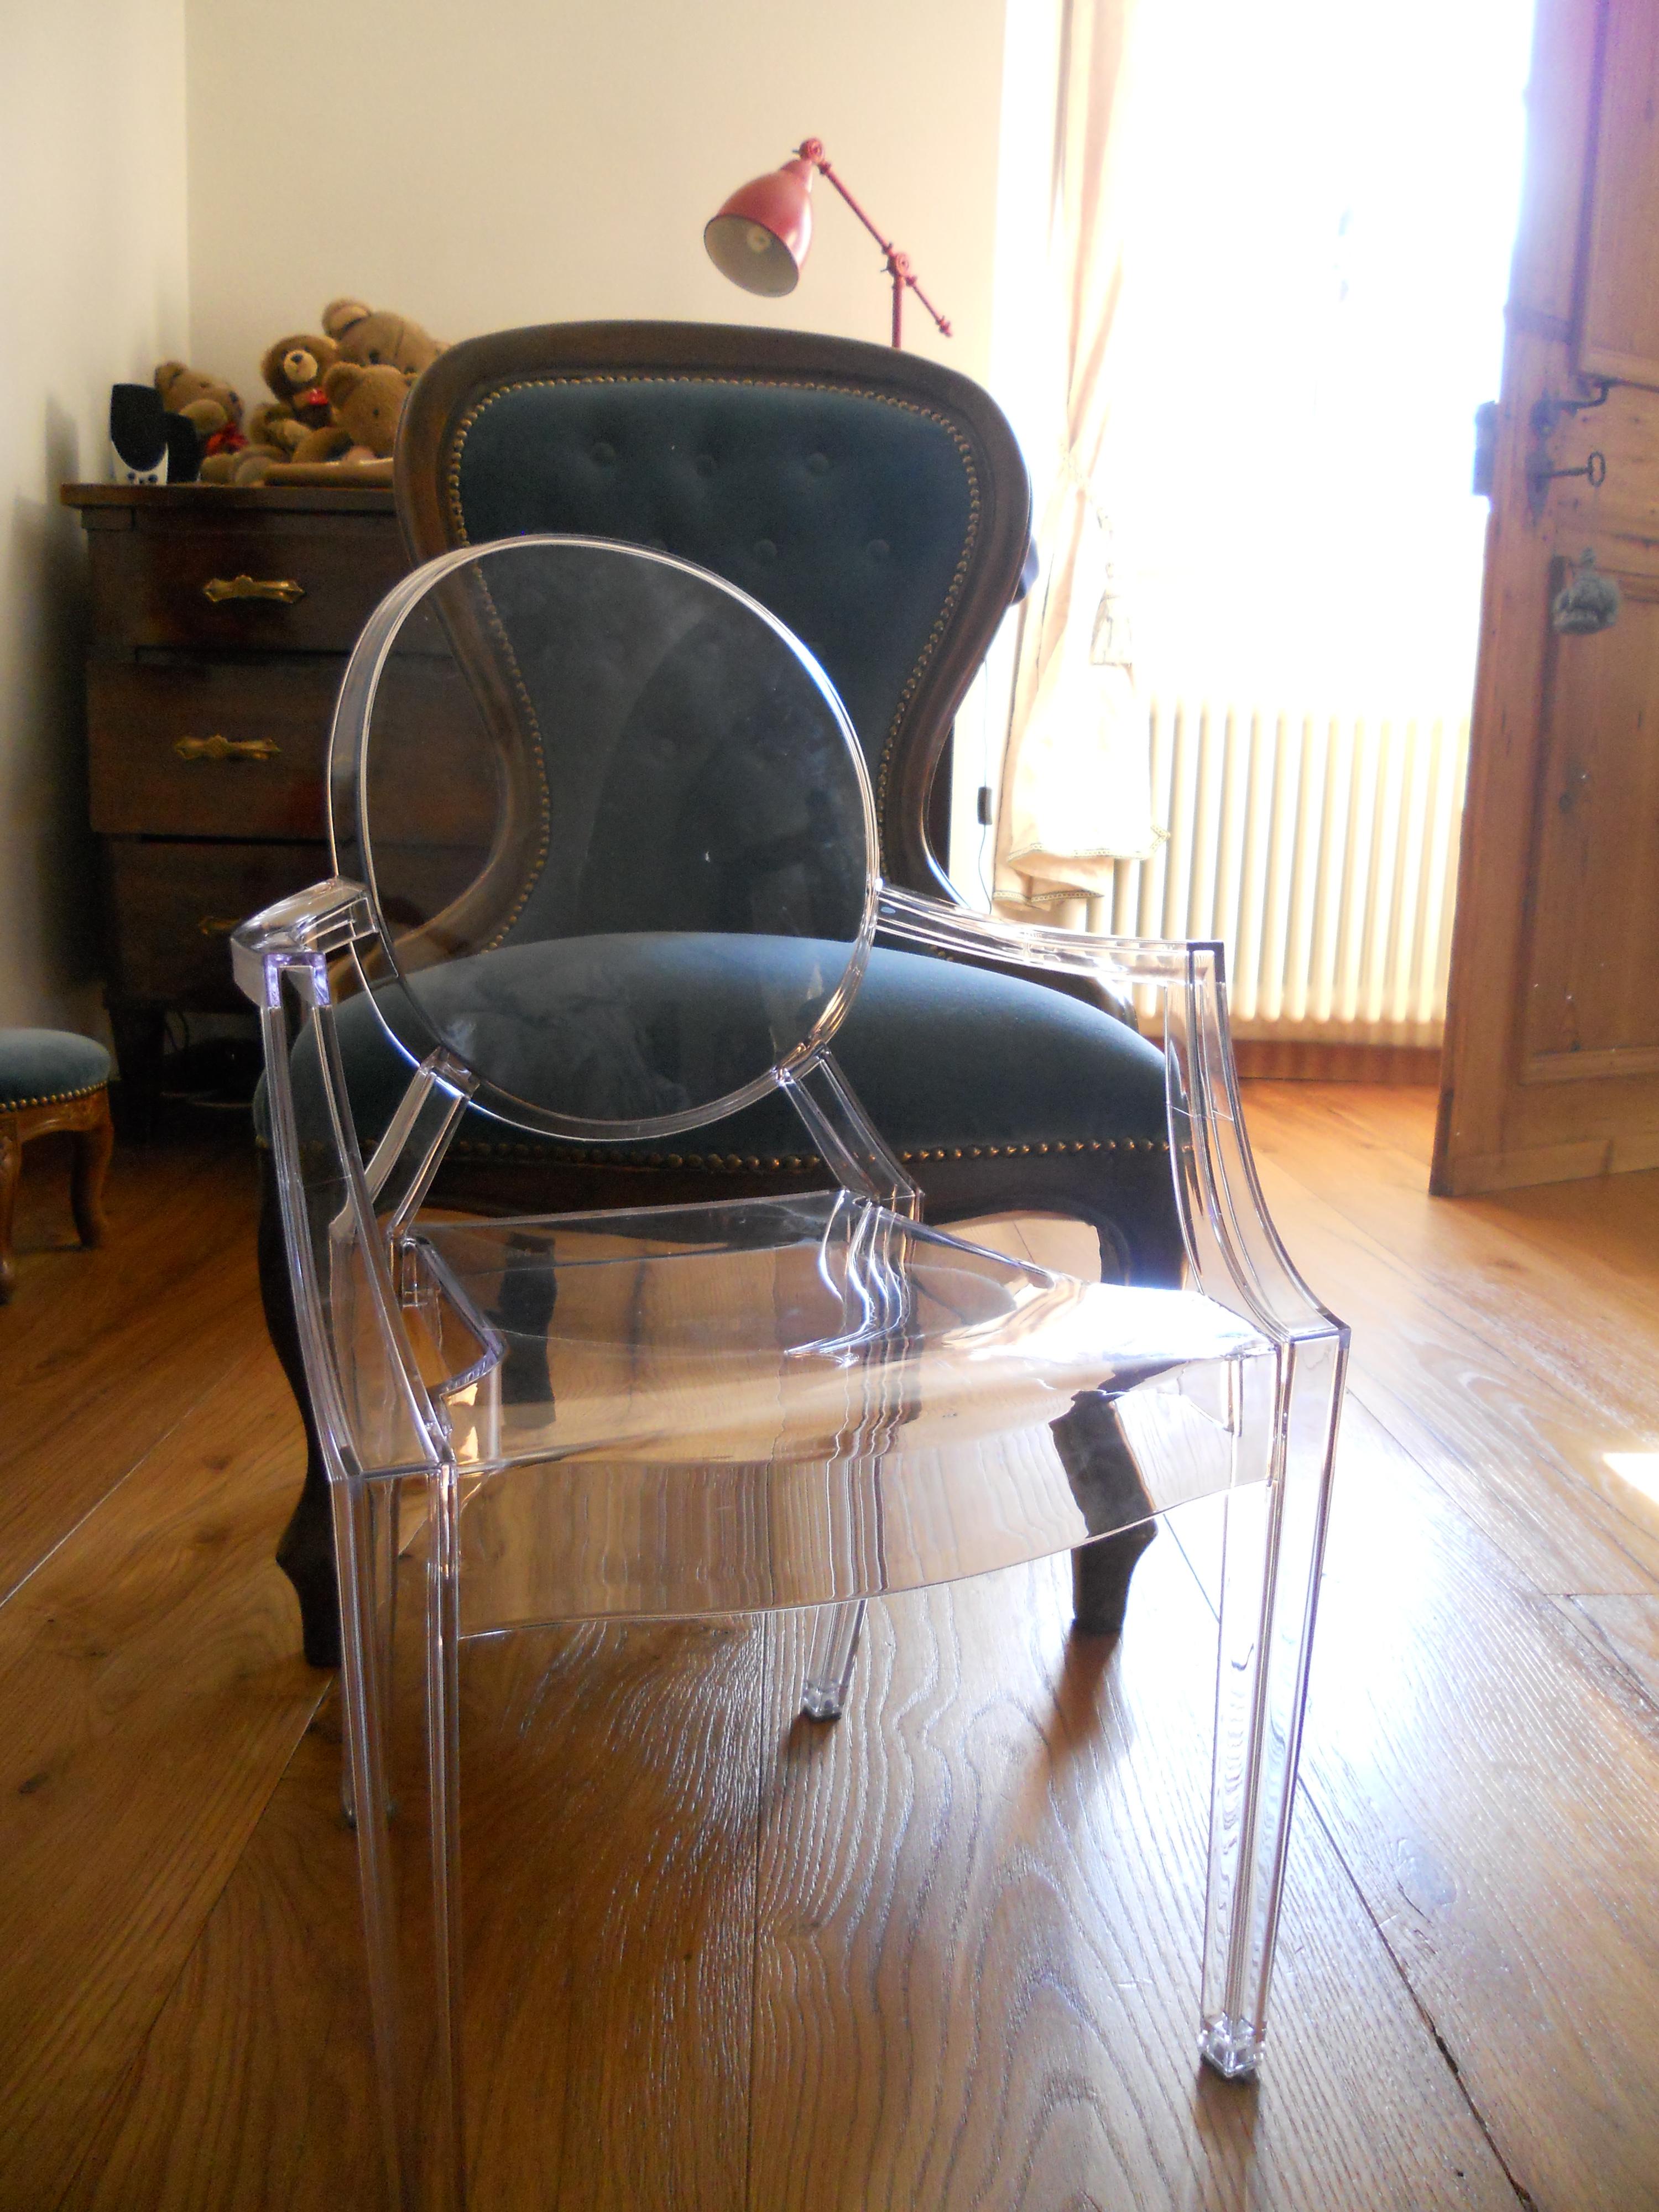 La sedia louis ghost di kartell tempi modi - Sedia kartell ghost ...